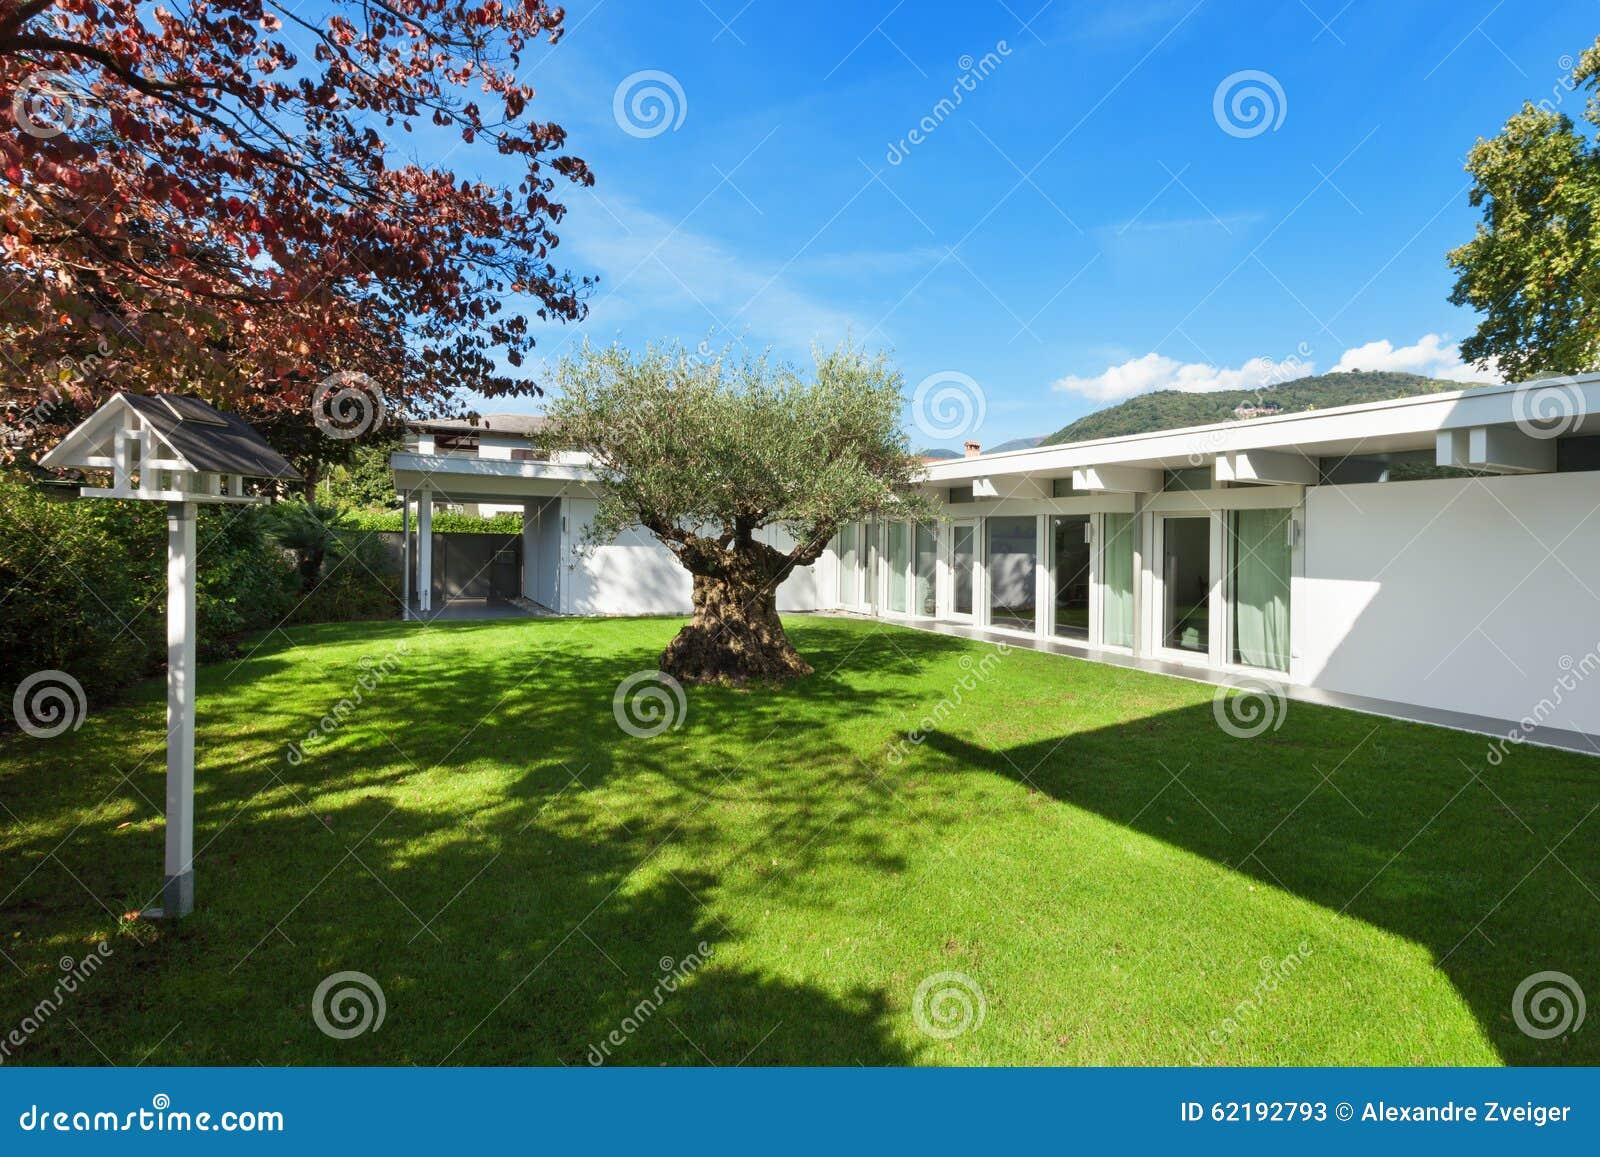 Giardino Di Una Casa giardino di una casa moderna con di olivo immagine stock